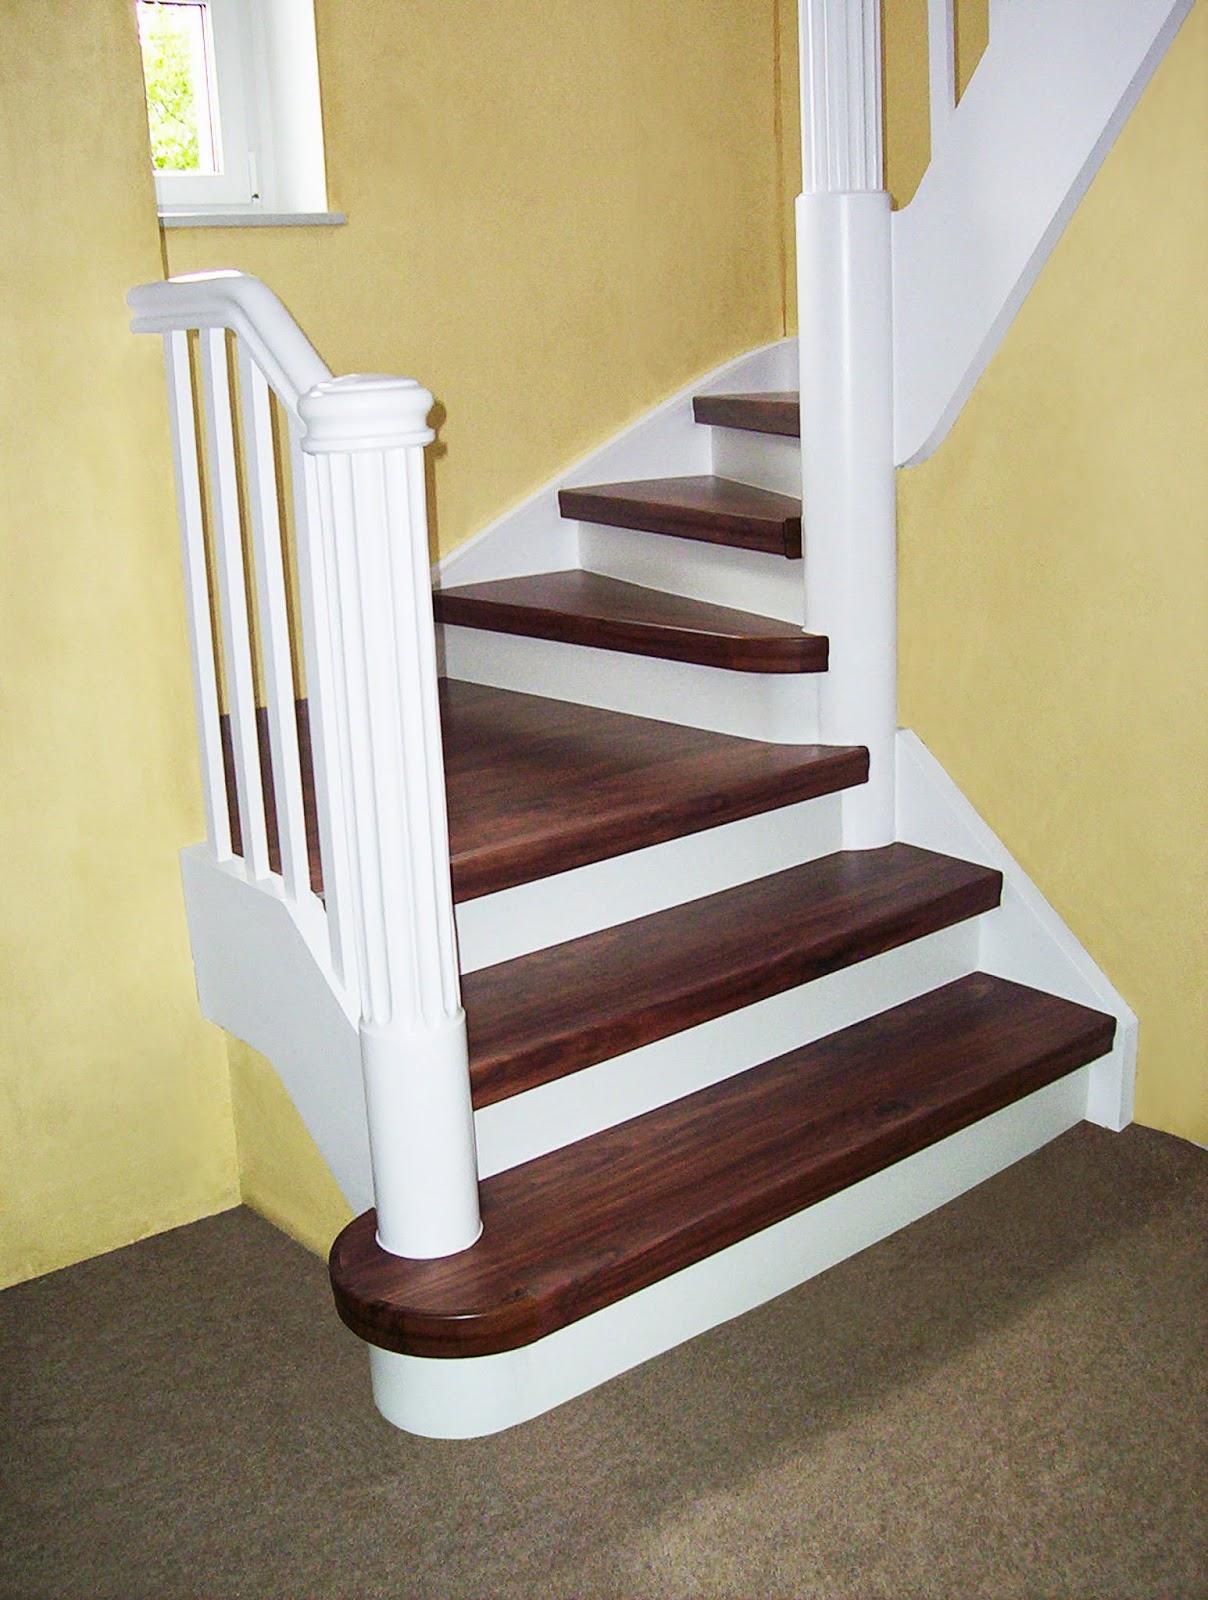 H K Treppenrenovierung Treppen Haus Renovierung Sanierung Step